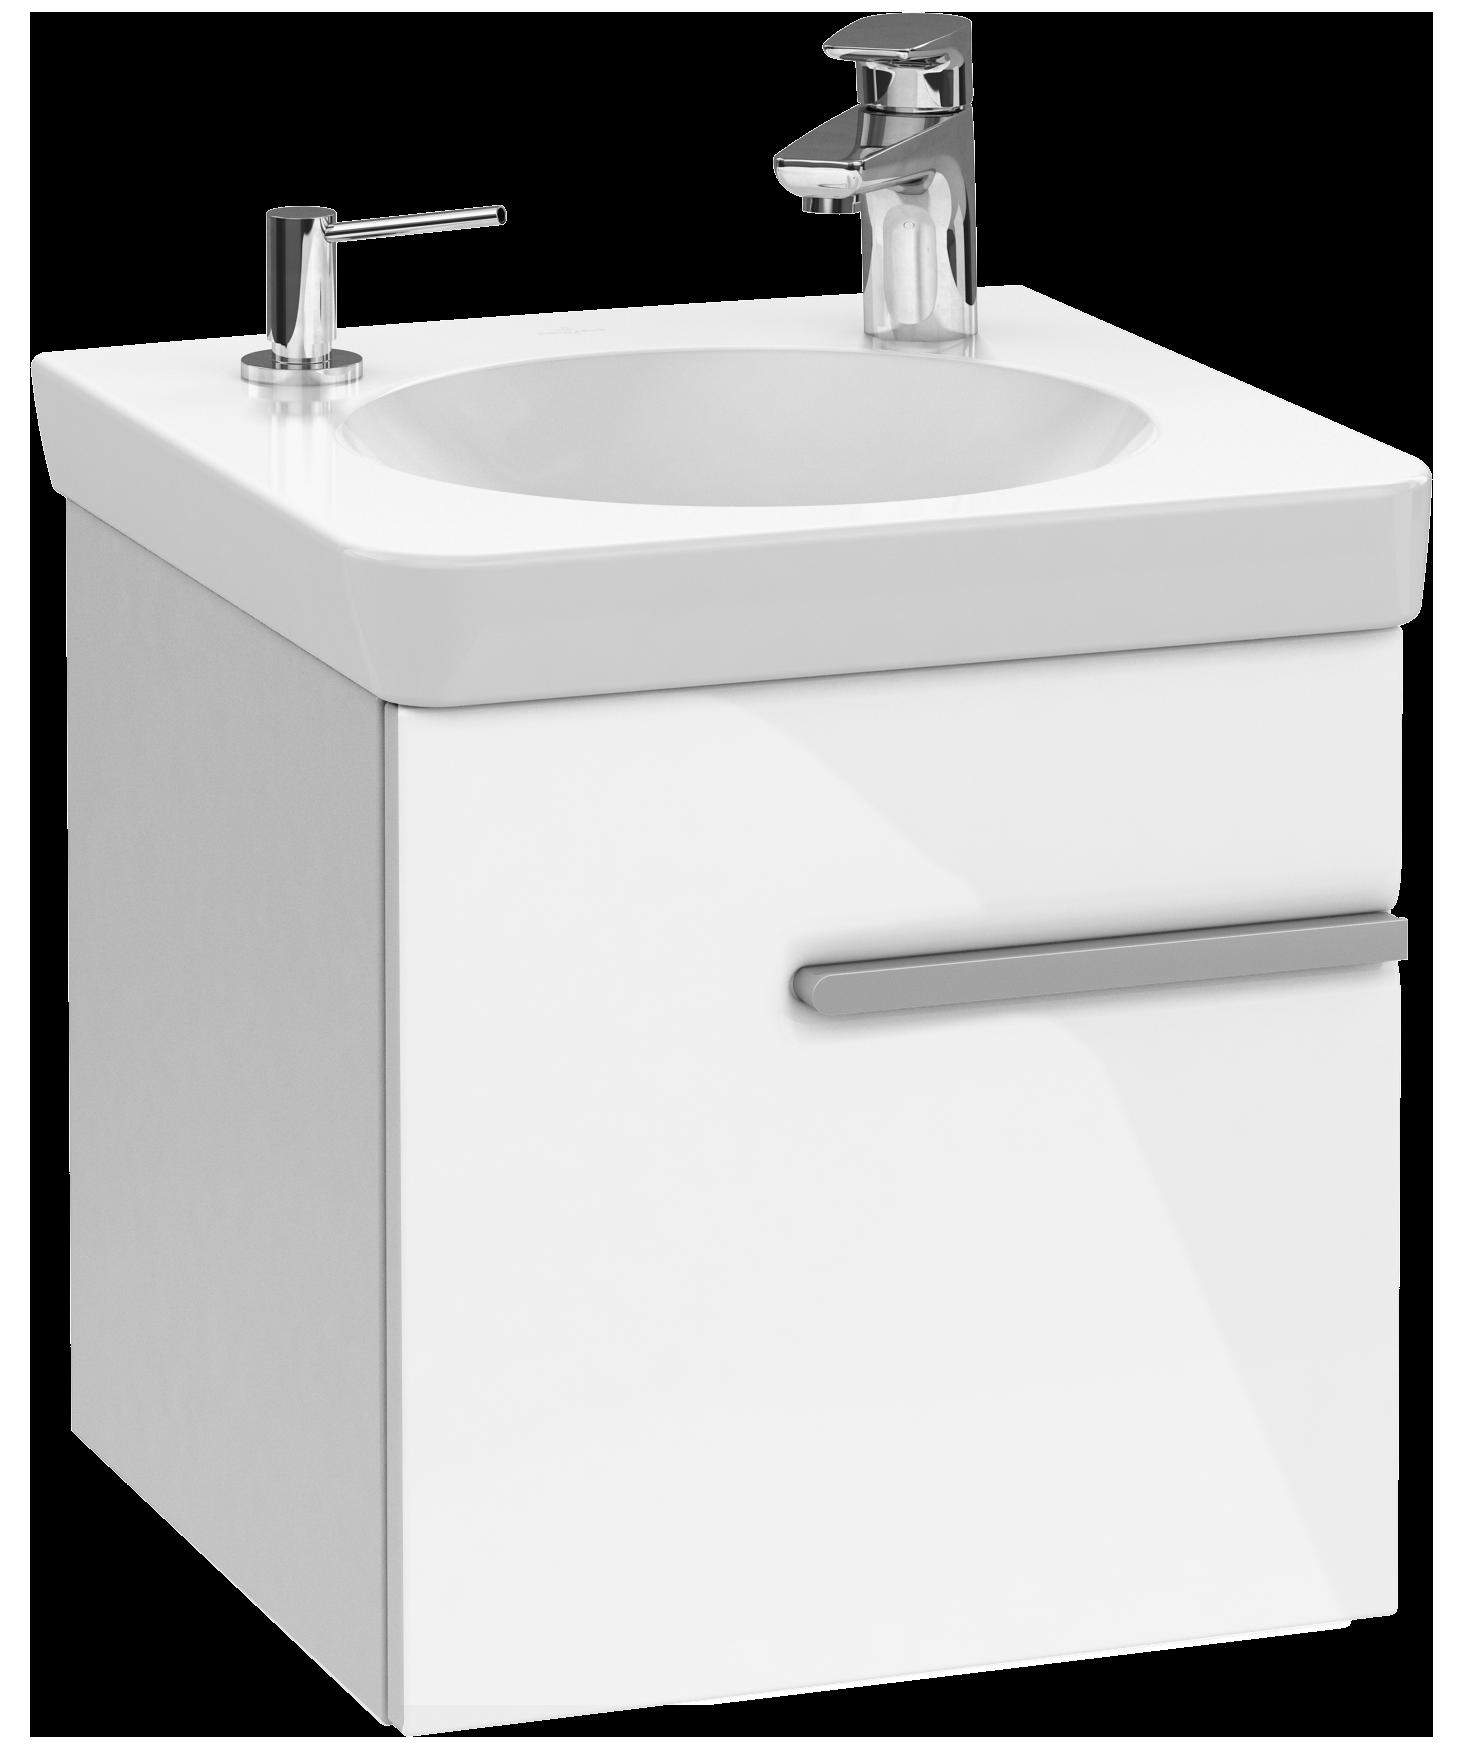 Armarios De Baño Bajo Lavabo:Bathroom Vanity Furniture